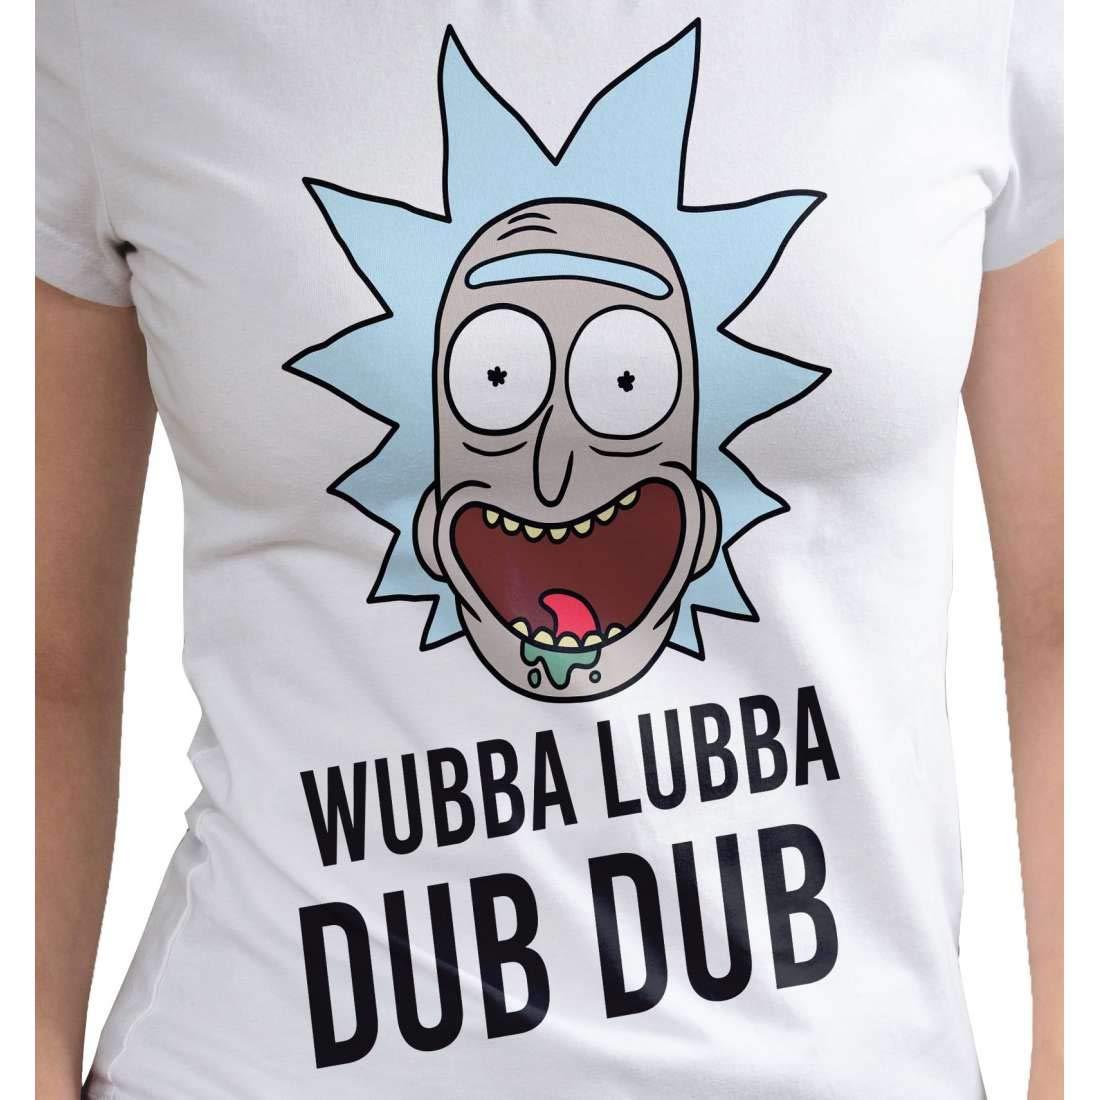 Rick and morty t shirt femme wubba lubba dub dub coton blanc amazon fr vêtements et accessoires